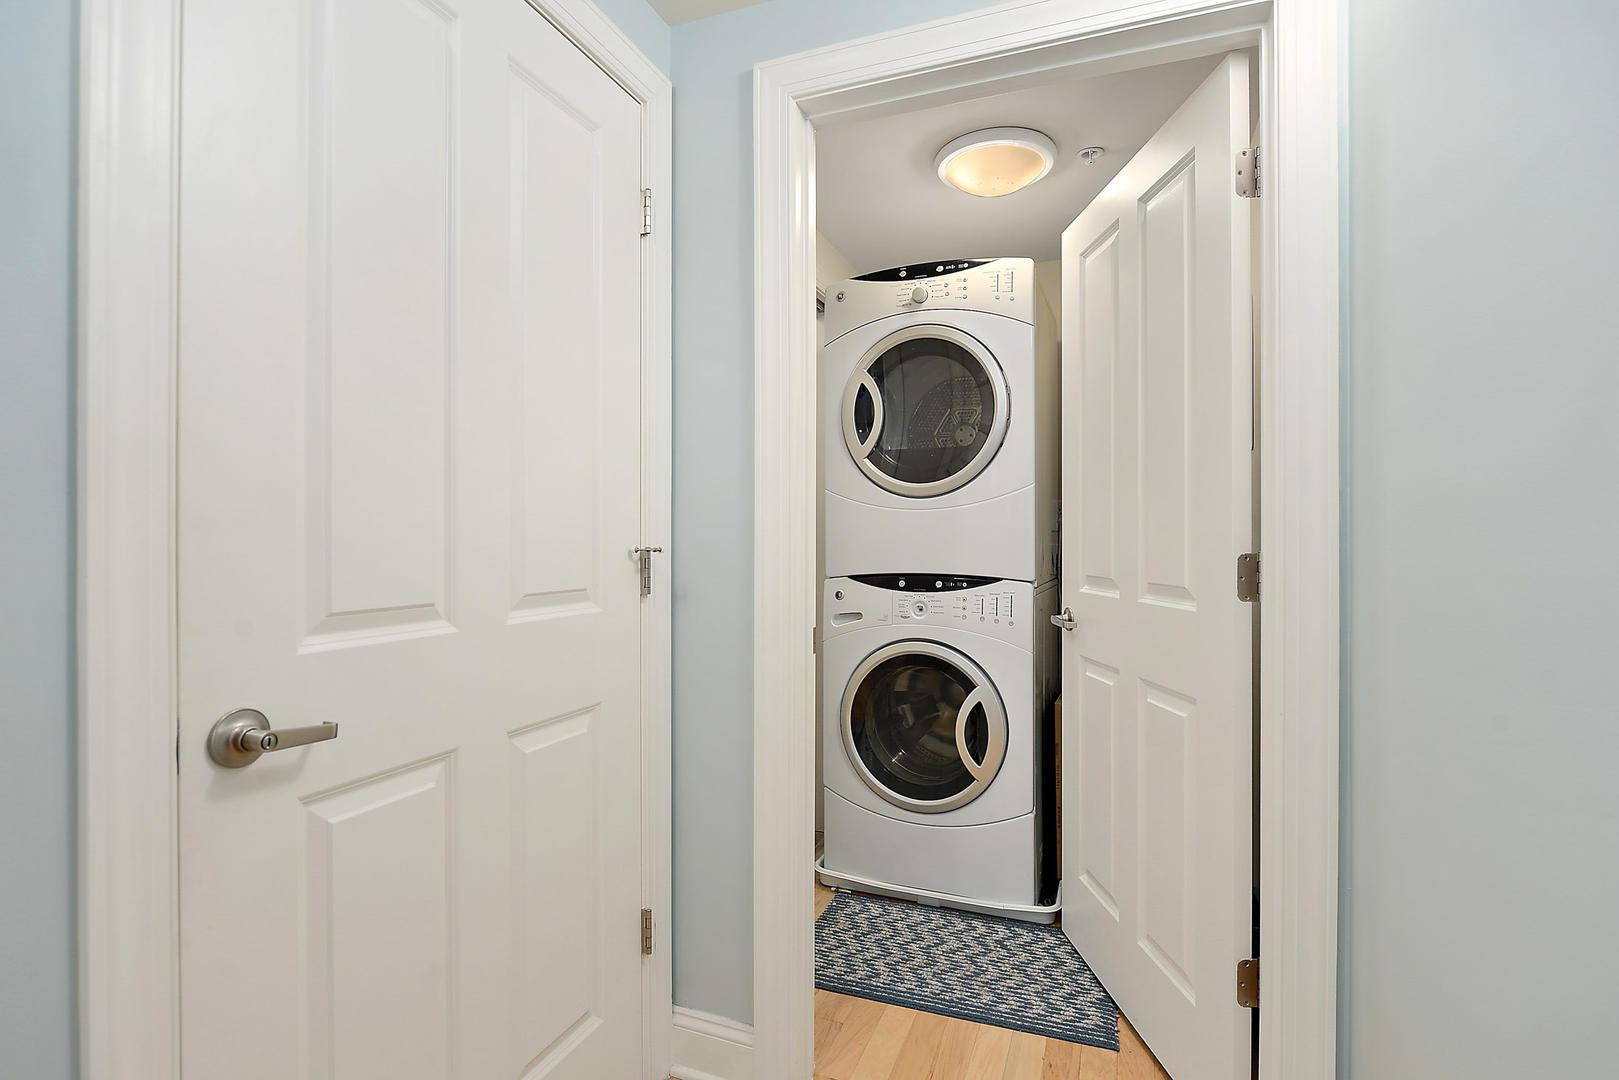 Rivendell 710 - Laundry Area